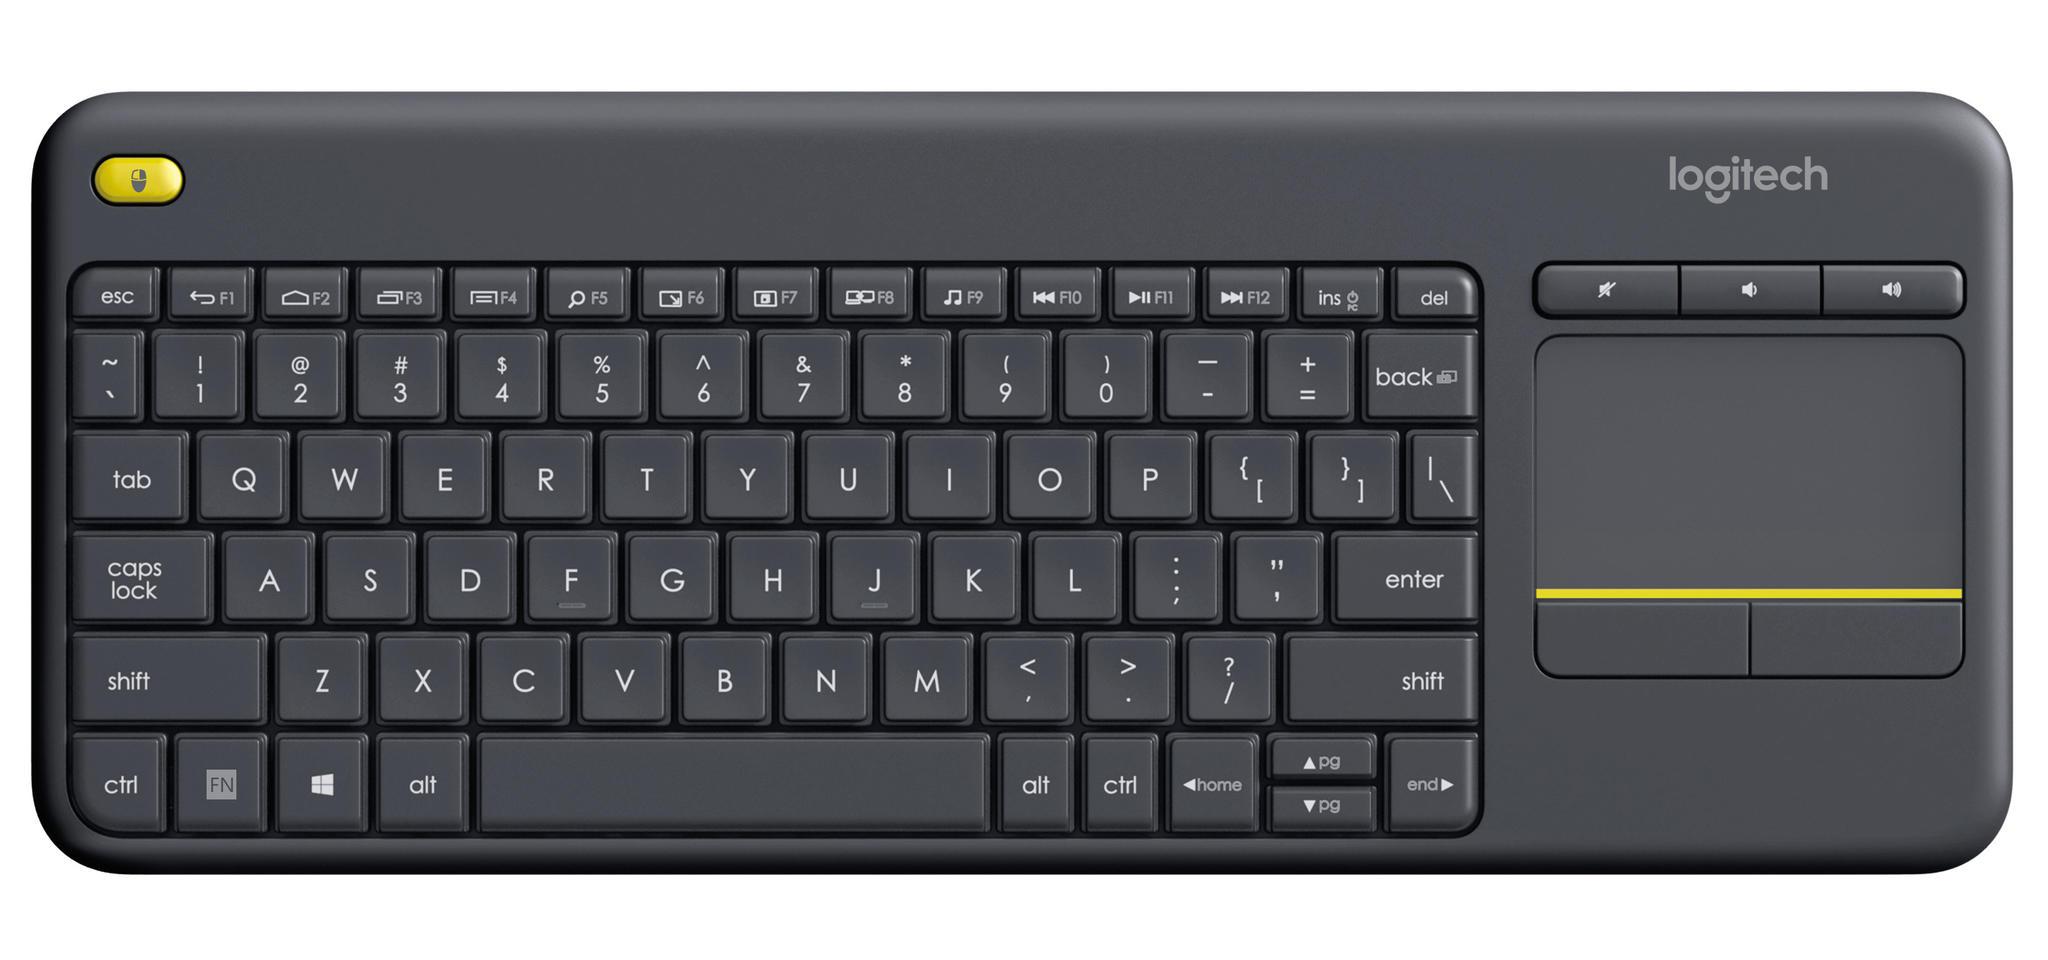 Op Hardware4Me is alles over bediening te vinden: waaronder yorcom en specifiek Logitech K400 Plus zwart